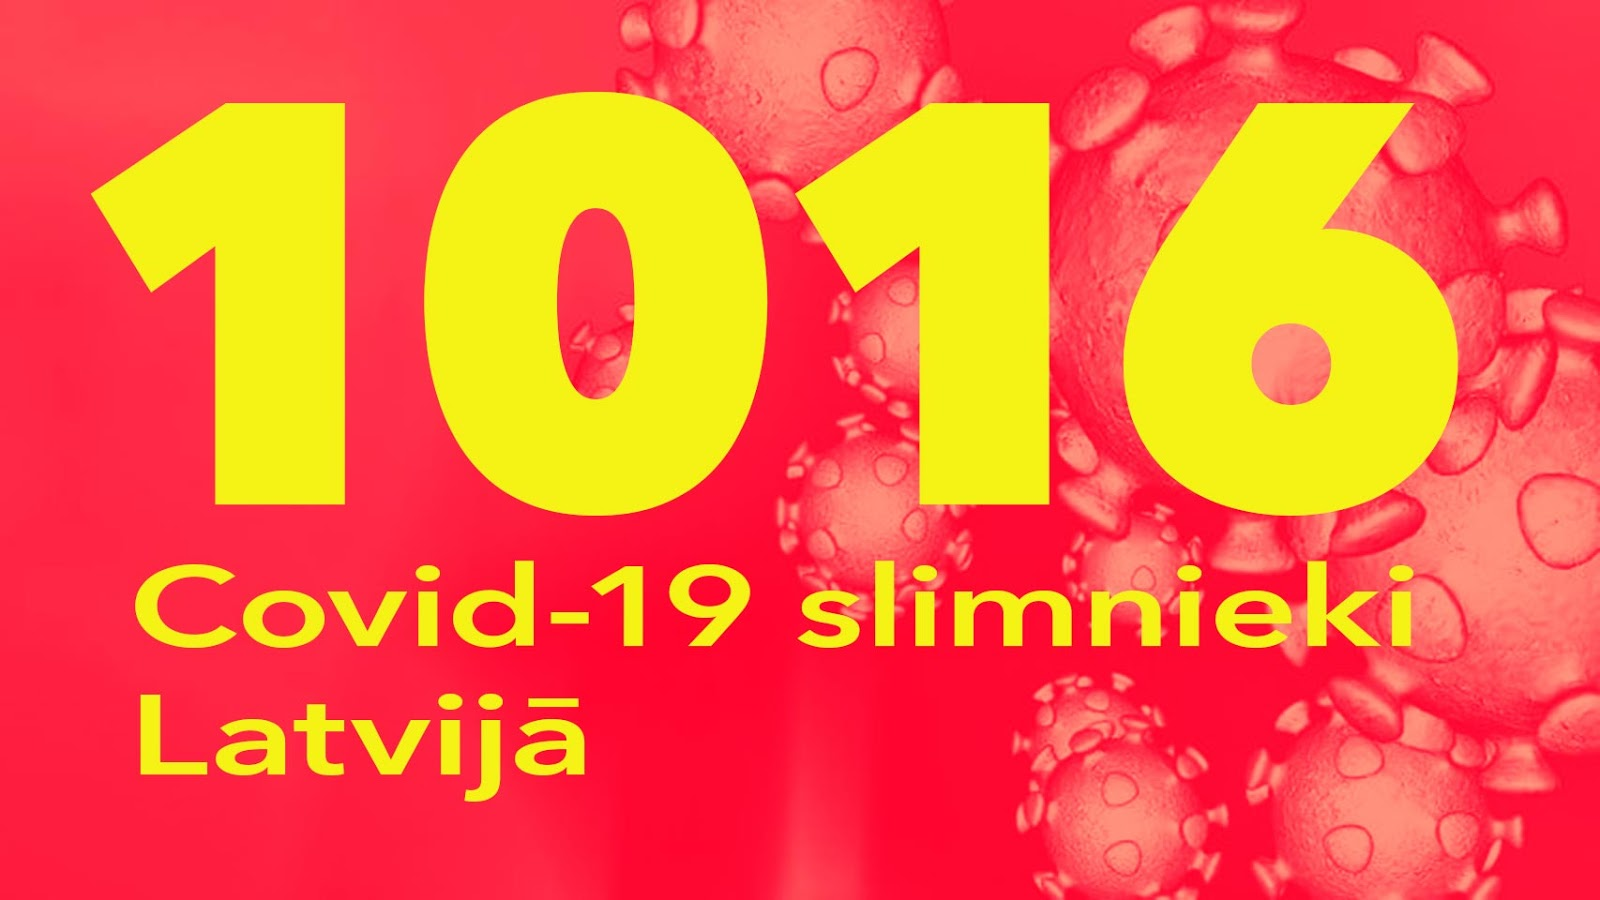 Koronavīrusa saslimušo skaits Latvijā 20.05.2020.